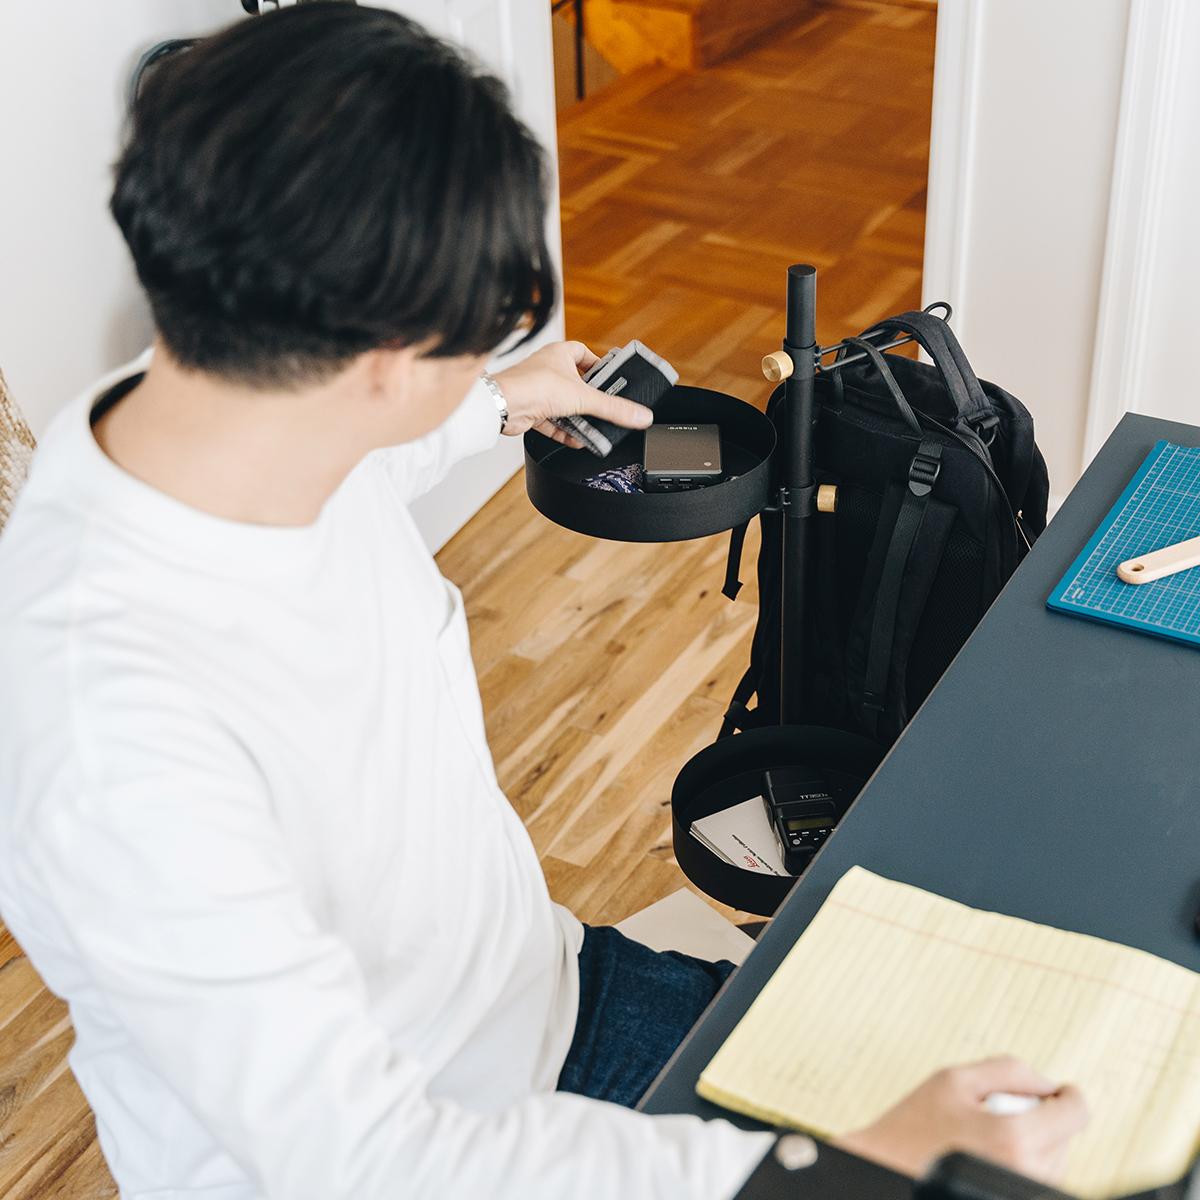 『DRAW A LINE』シリーズの「トレイ」や「テーブル」「フック」を取り付ければ、あなただけの収納場所として、あちこちで活躍してくれます。キャスター台つきポール「Move Rod(ムーブロッド)」|DRAW A LINE(ドローアライン)